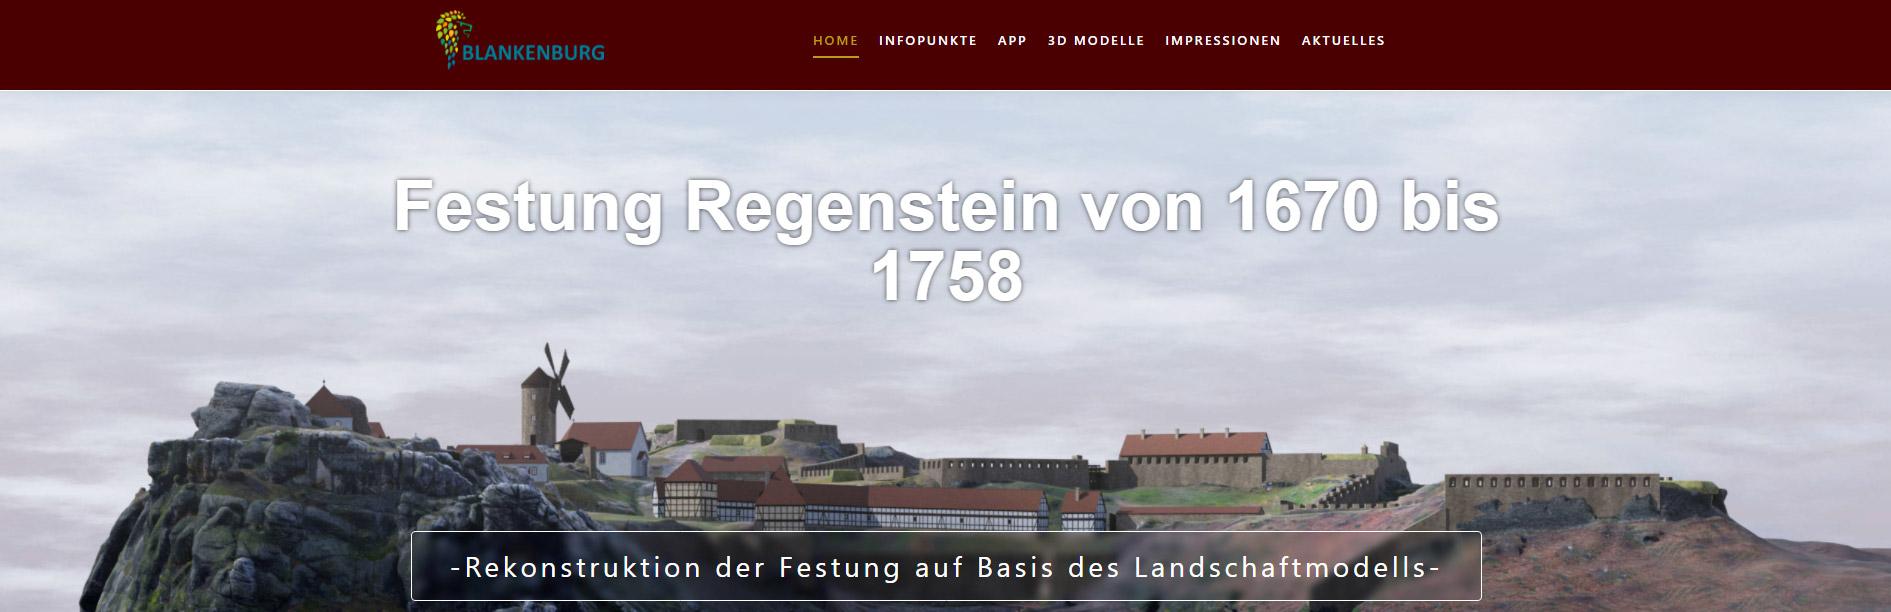 Webseite https://denkmal.arctron.de/festung-regenstein/